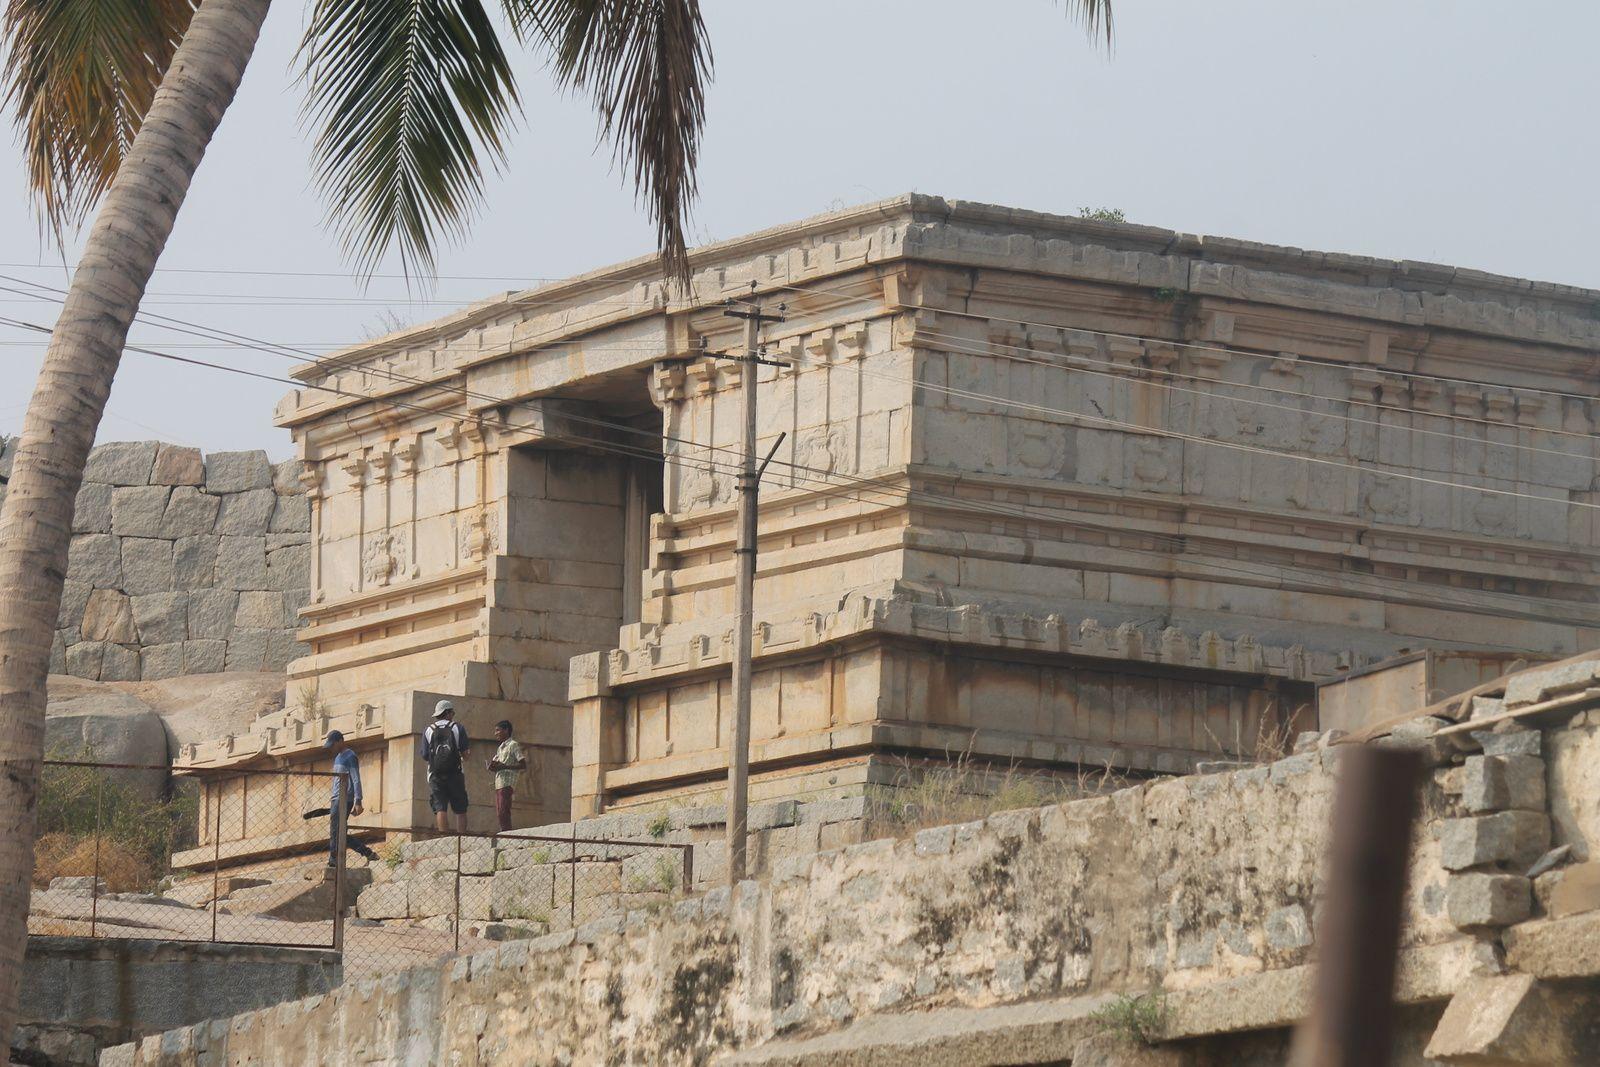 Le long du chemin, nous voyons ces mêmes blocs de pierre tombés du ciel gràce à Hanuman, des ruines de magasins à colonnes de chaque côté de la route  , des pèlerins revenant ou allant dans le sanctuaire et émergeant  du haut des arbres  une vision du sommet  du gopuram tout de jaune pale revêtu !!